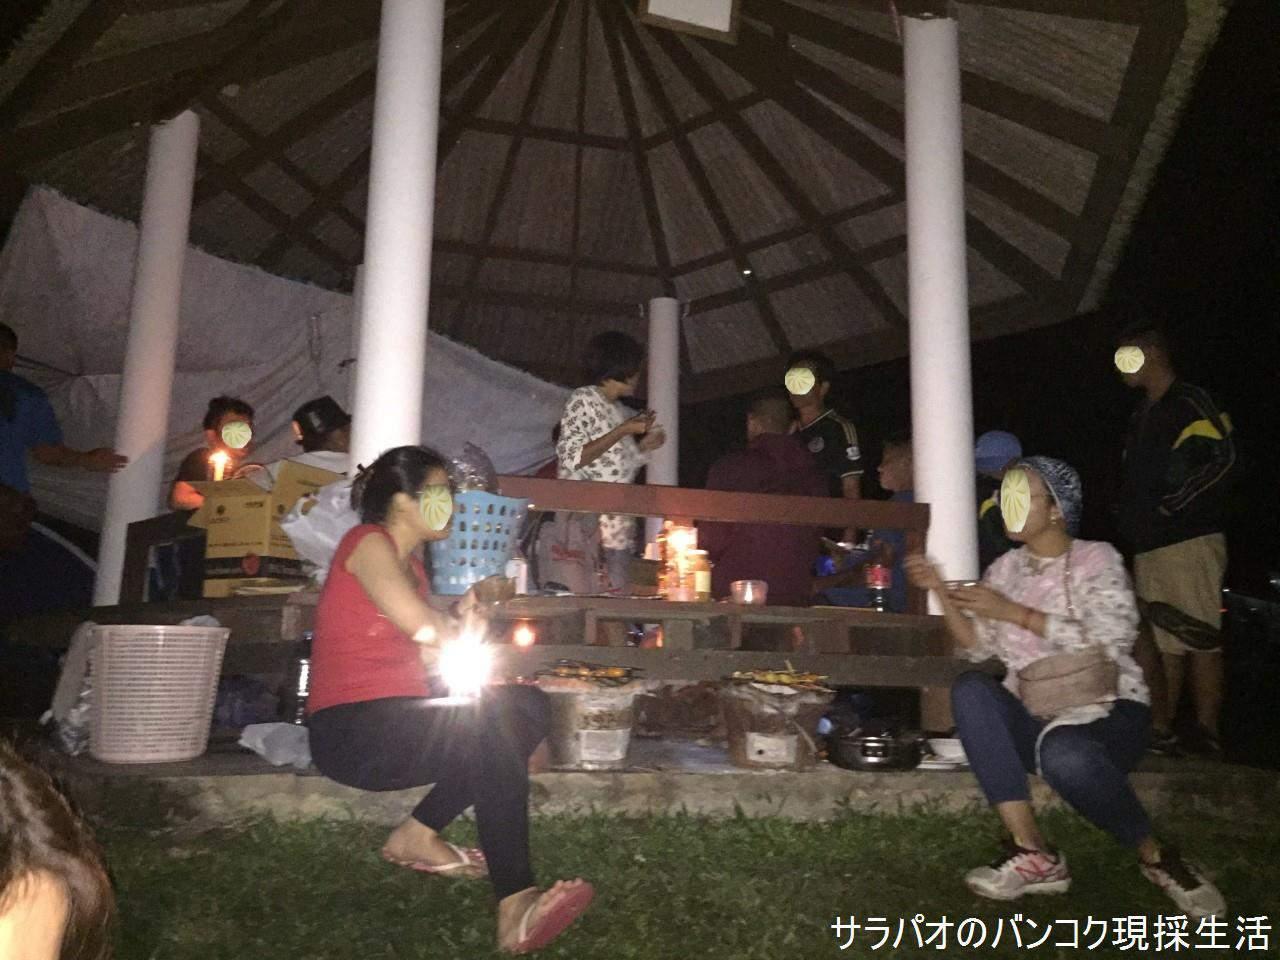 KhaoYai_179.jpg